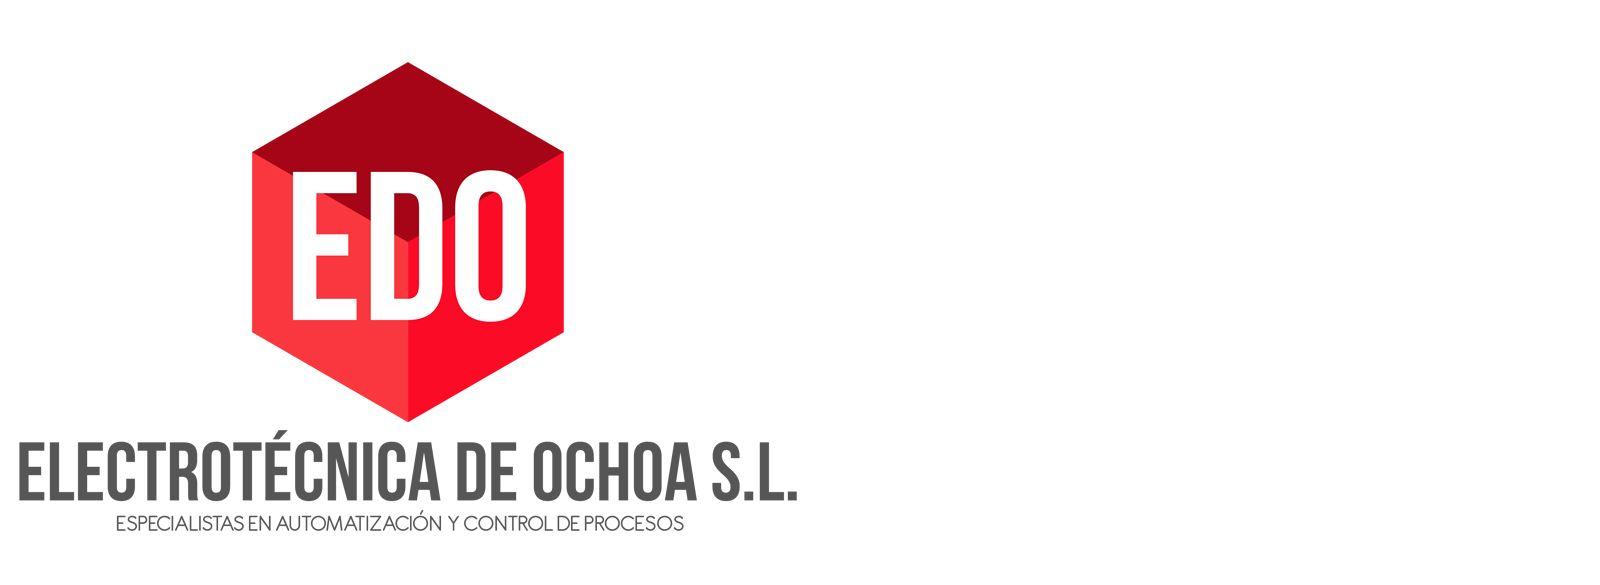 Nuestros Servicios: Servicios de ELECTROTÉCNICA DE OCHOA